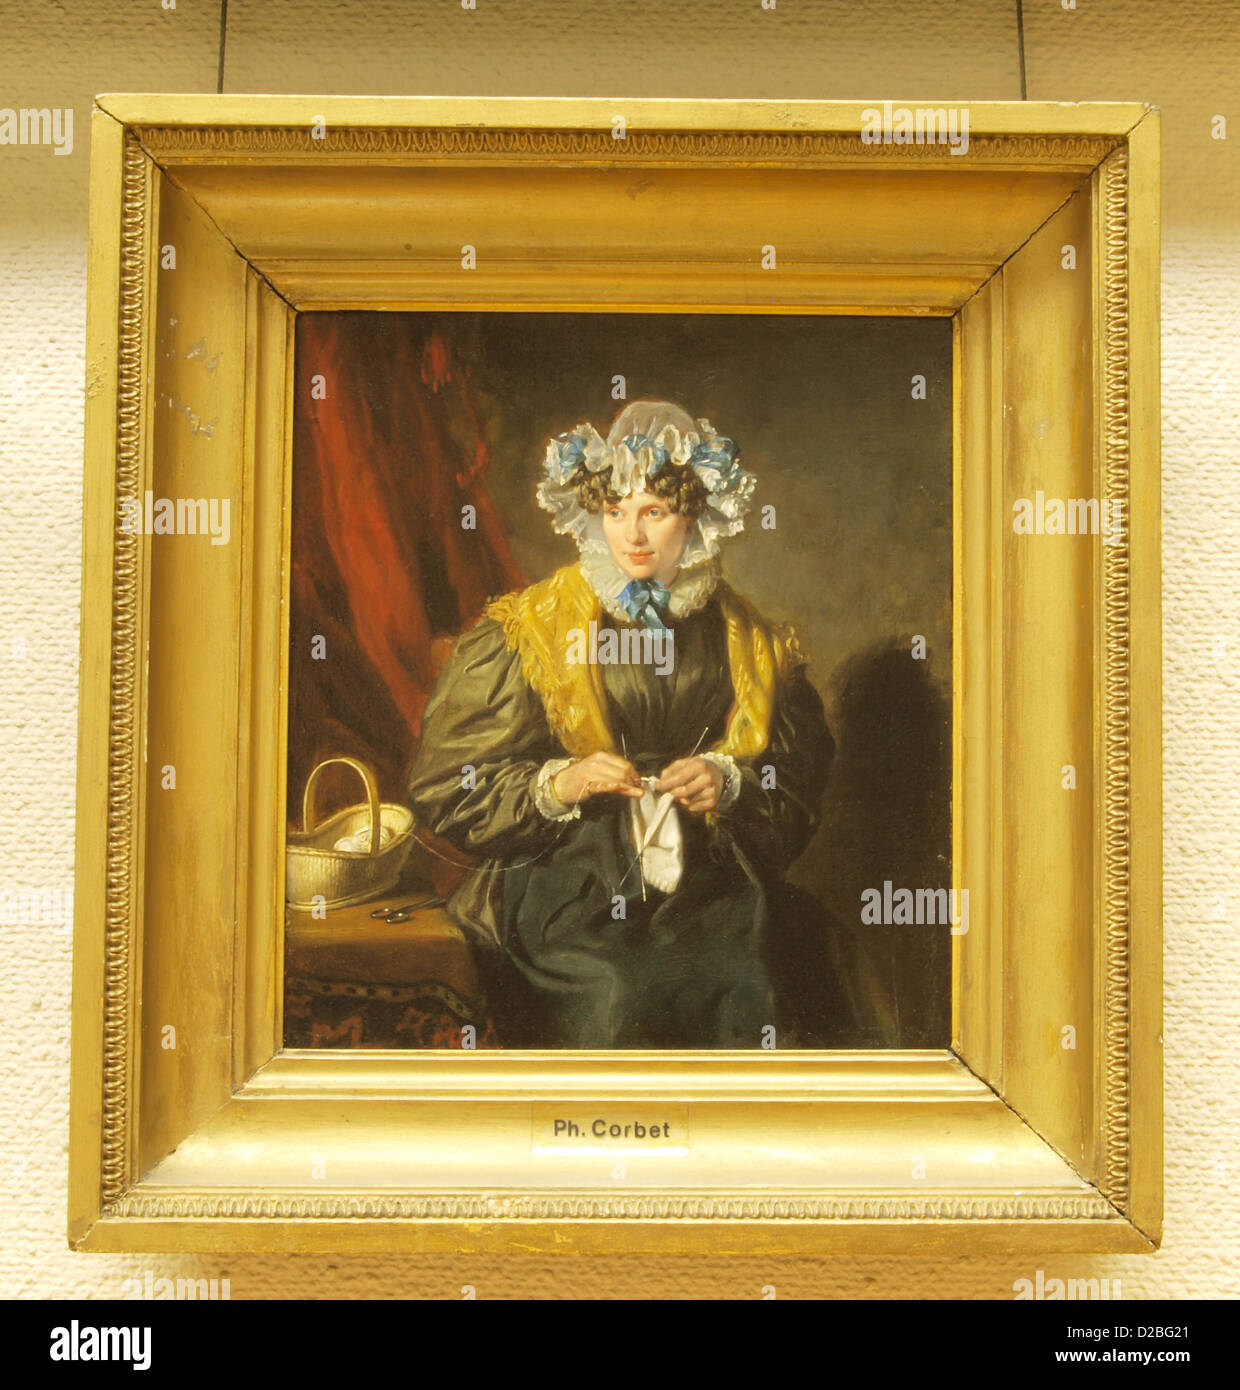 Philip Corbet, Ritratto di signora H. Hentzepeter, 1830, olio su pannello Immagini Stock